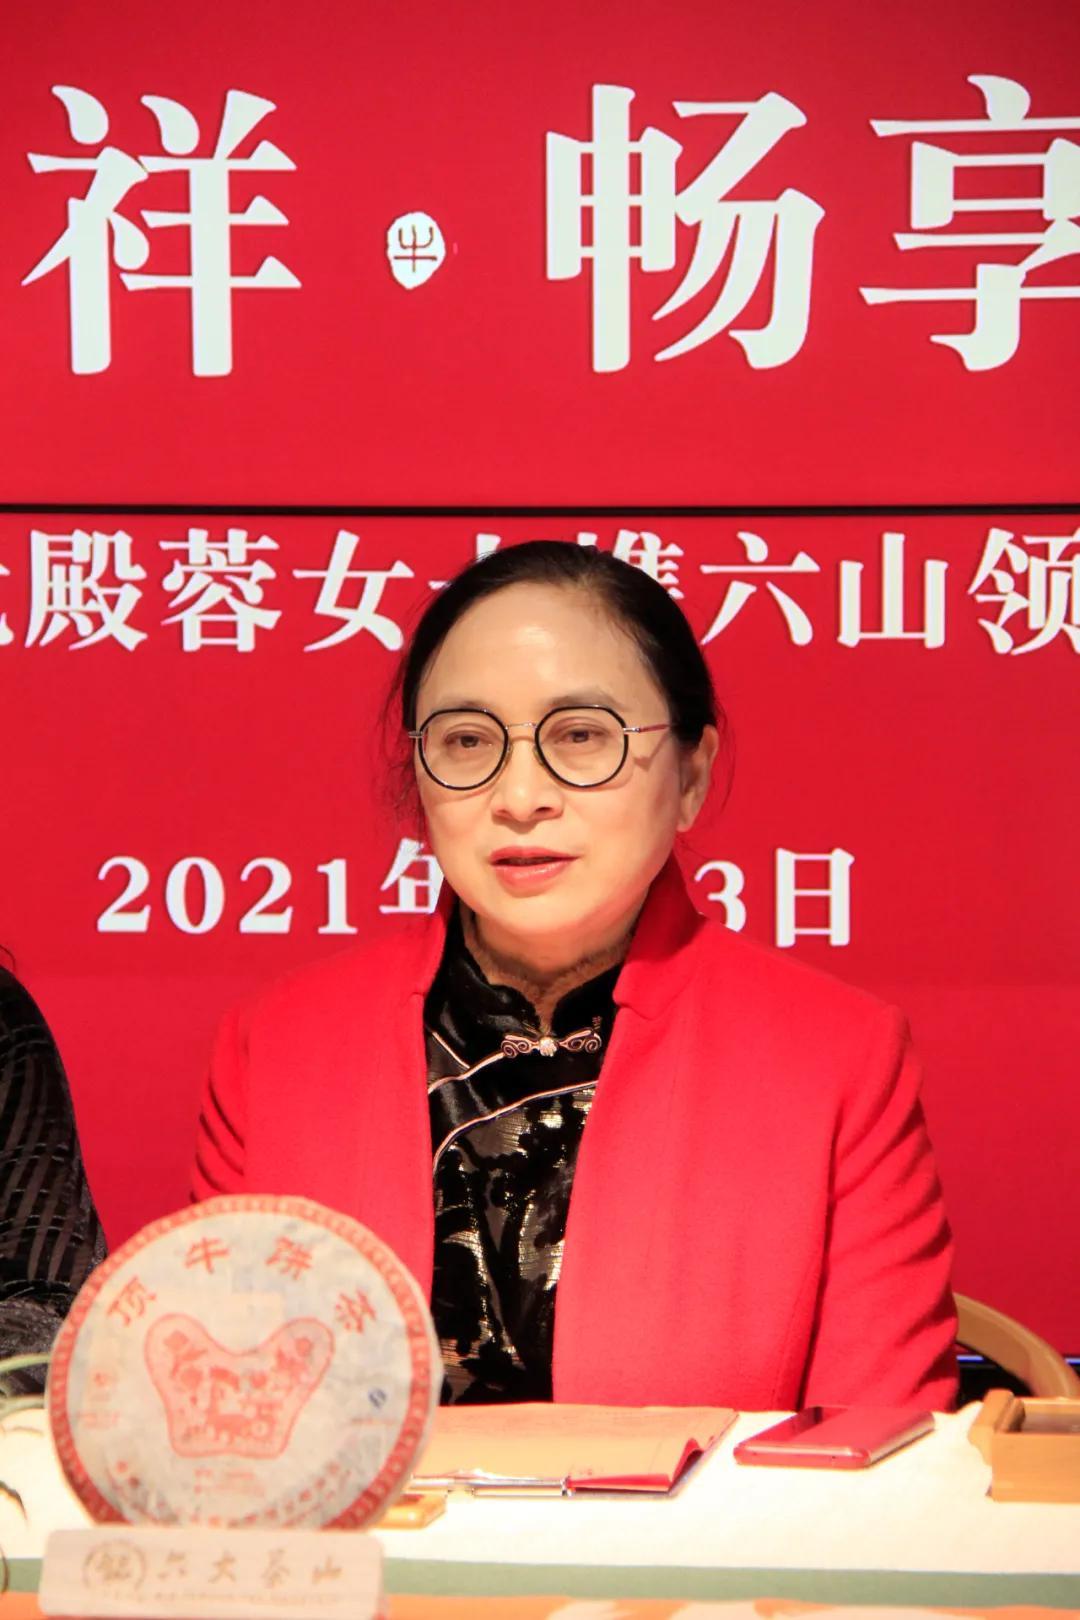 六大茶山董事长阮殿蓉女士携六山领导班子送祝福、畅想2021